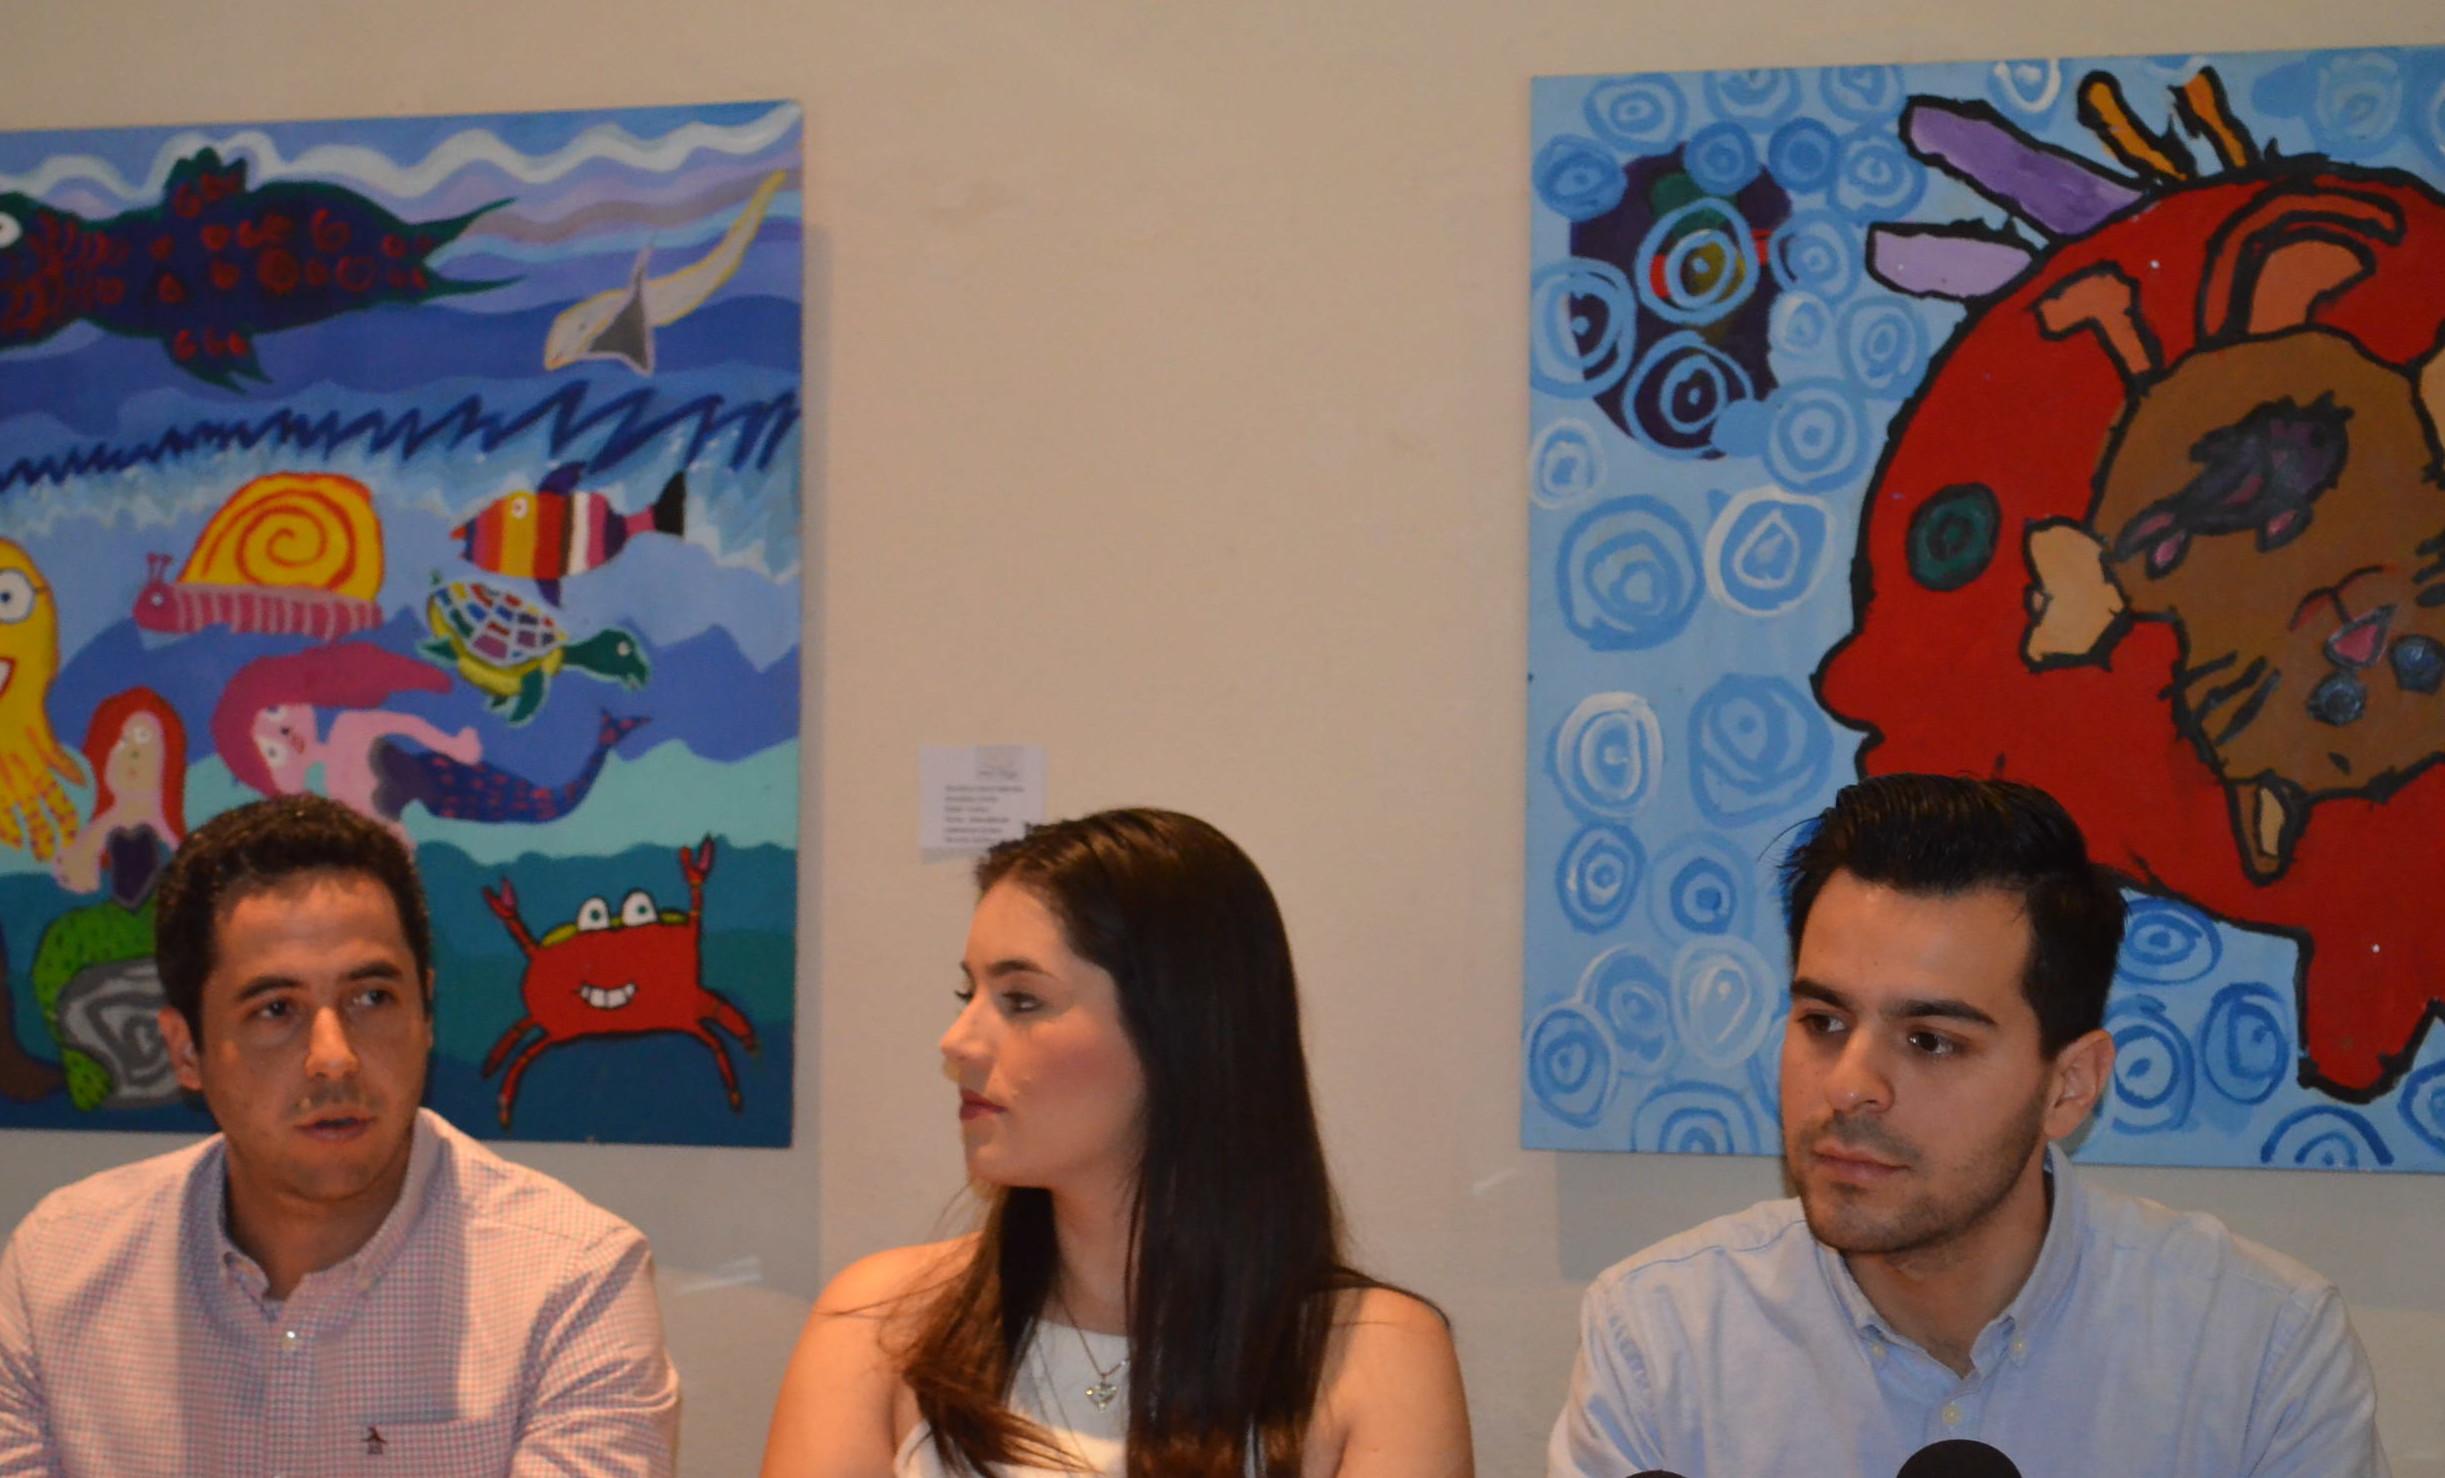 CIJ manifestó haber acudido a candidatos sin recibir prioridad a sus peticiones. Fotografía: Gabriela Sánchez